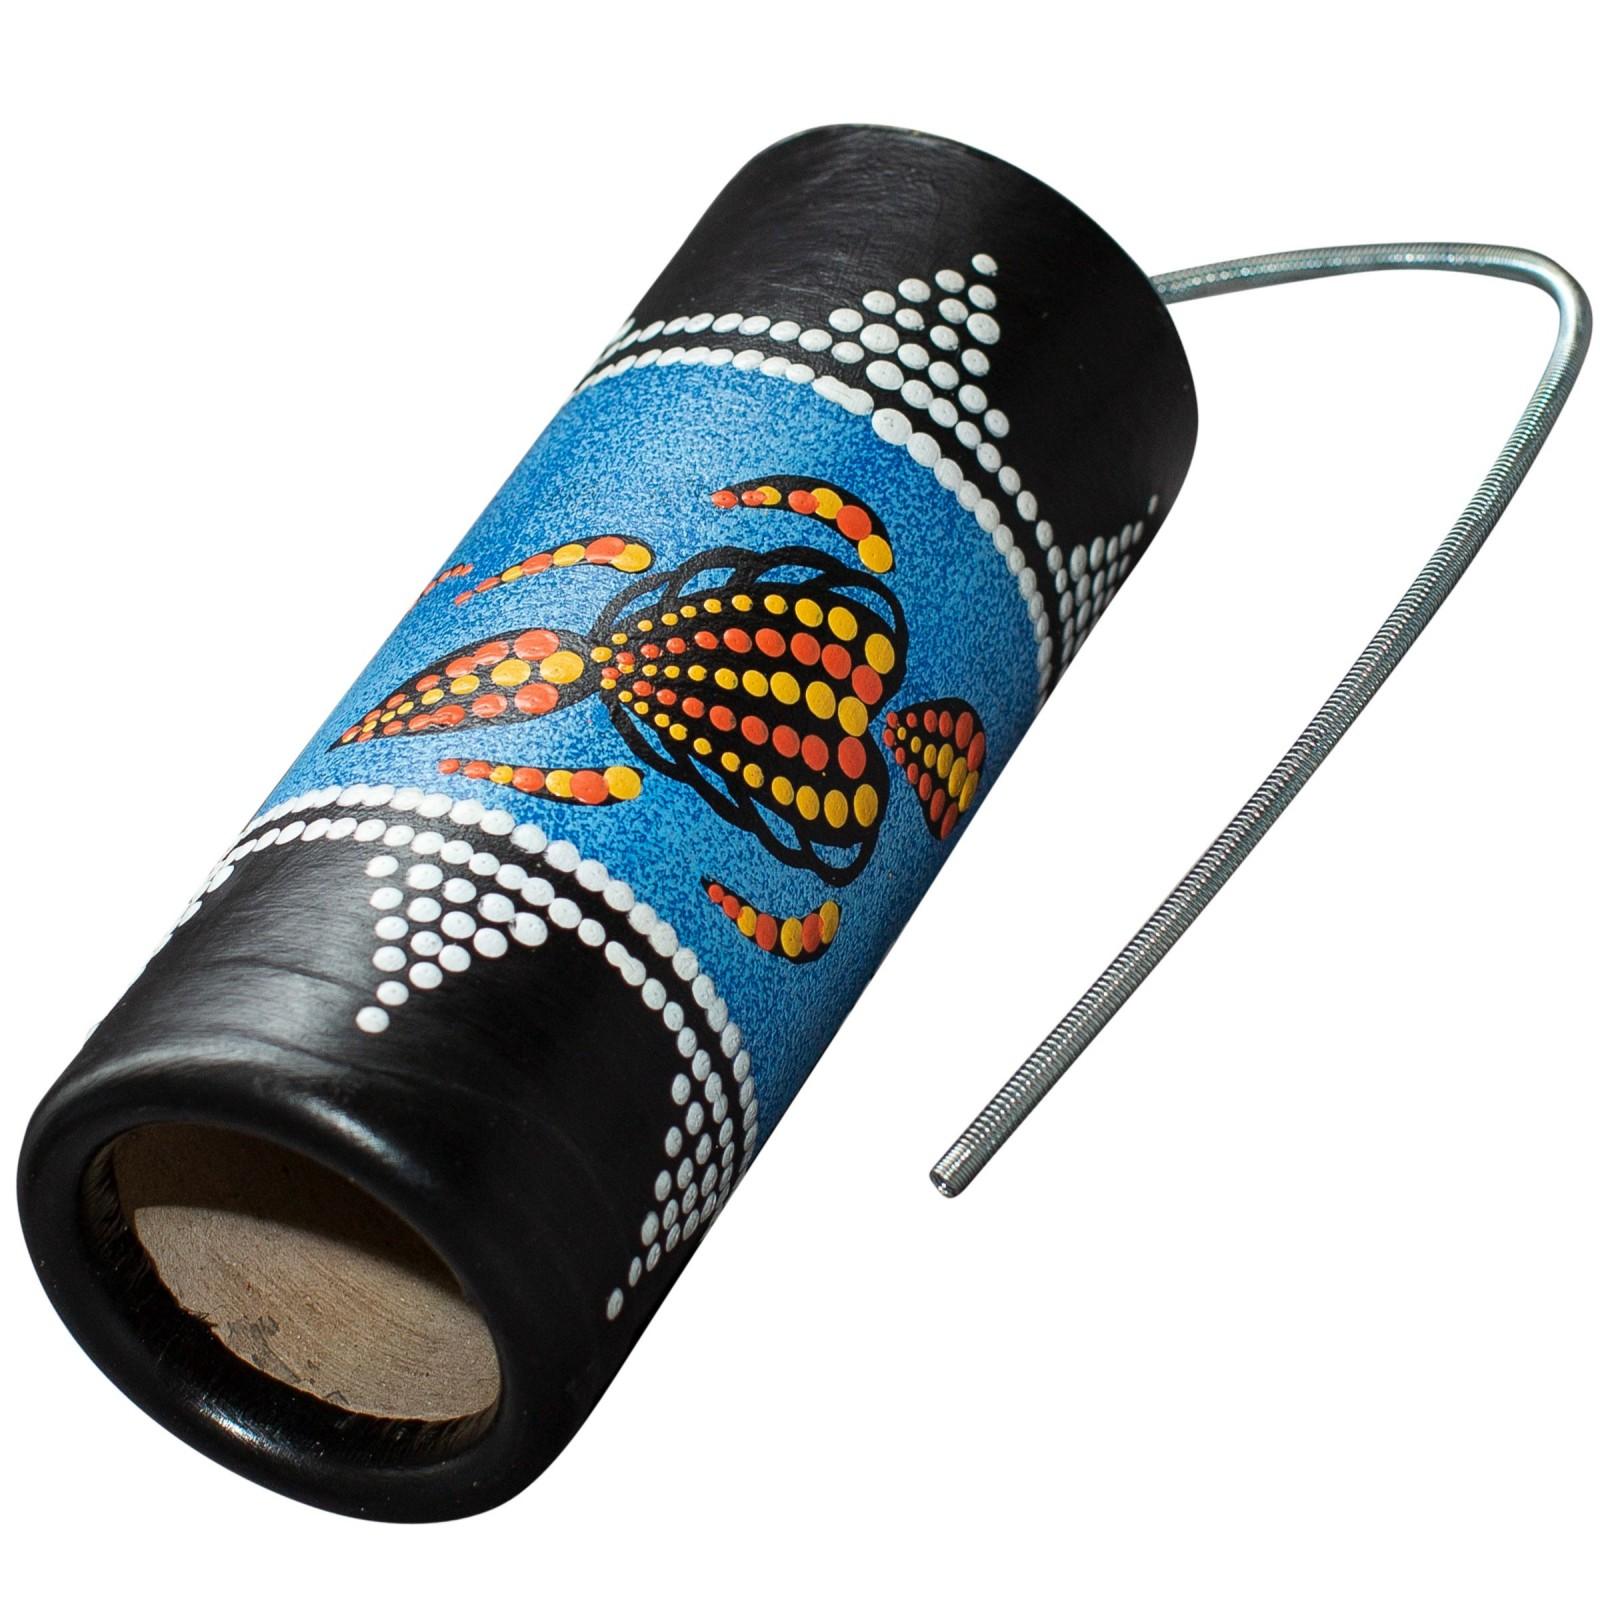 """Spring Drum AT- BLTD-20, Thunder Tube – Musical instrument for kids. 9.8"""""""